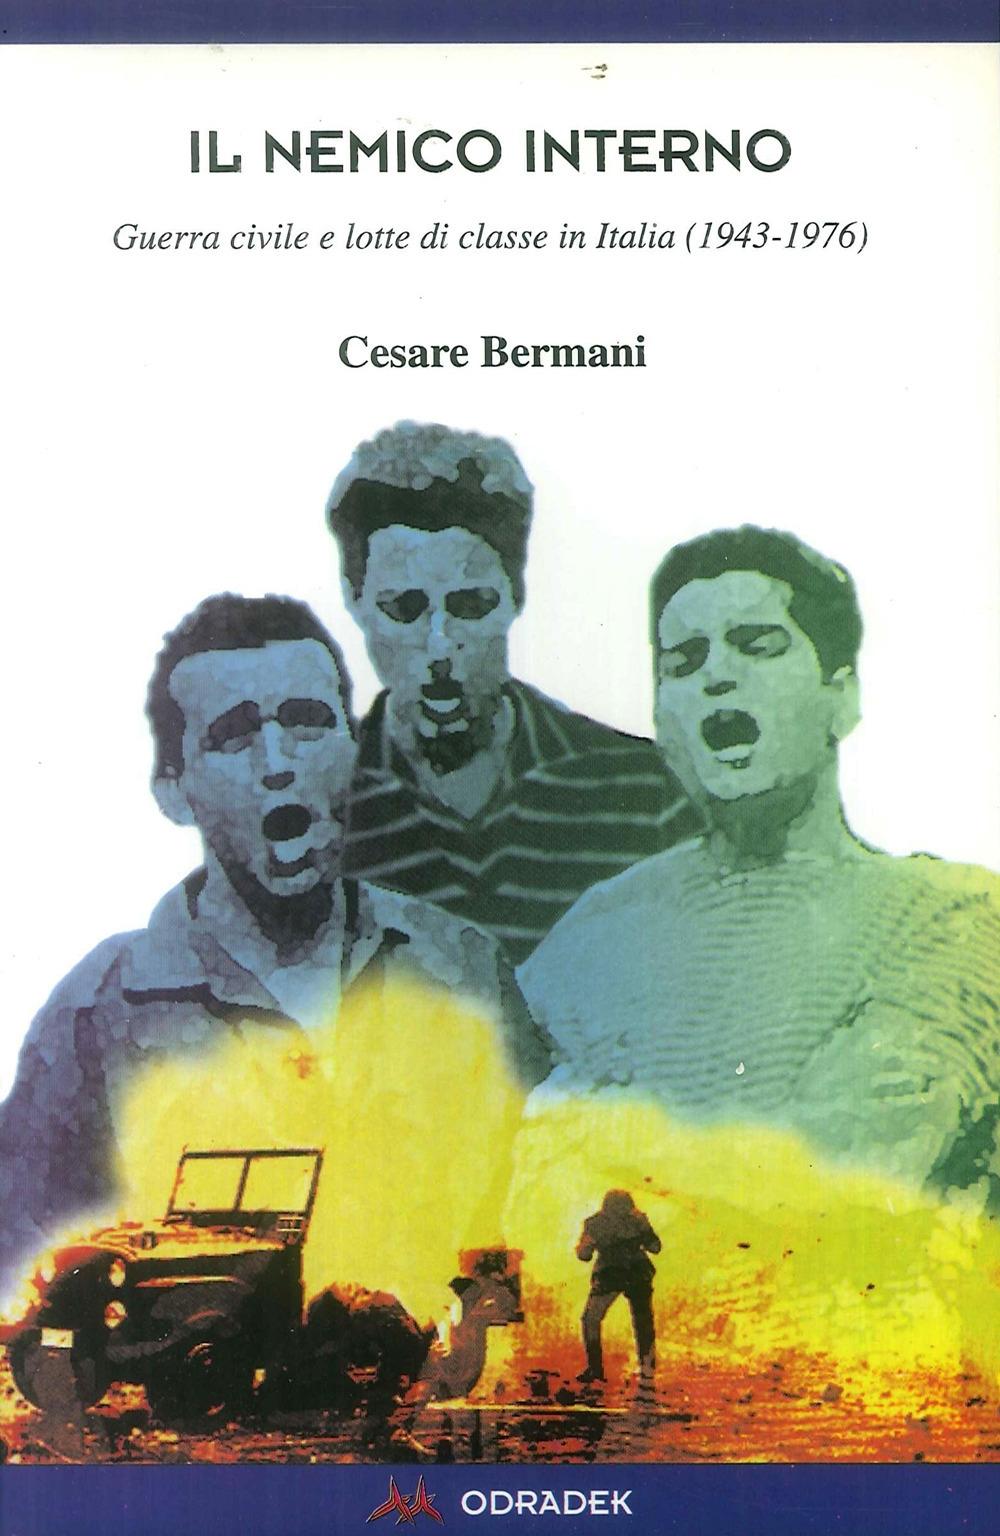 Il nemico interno. Guerra civile e lotte di classe in Italia (1943-1976)